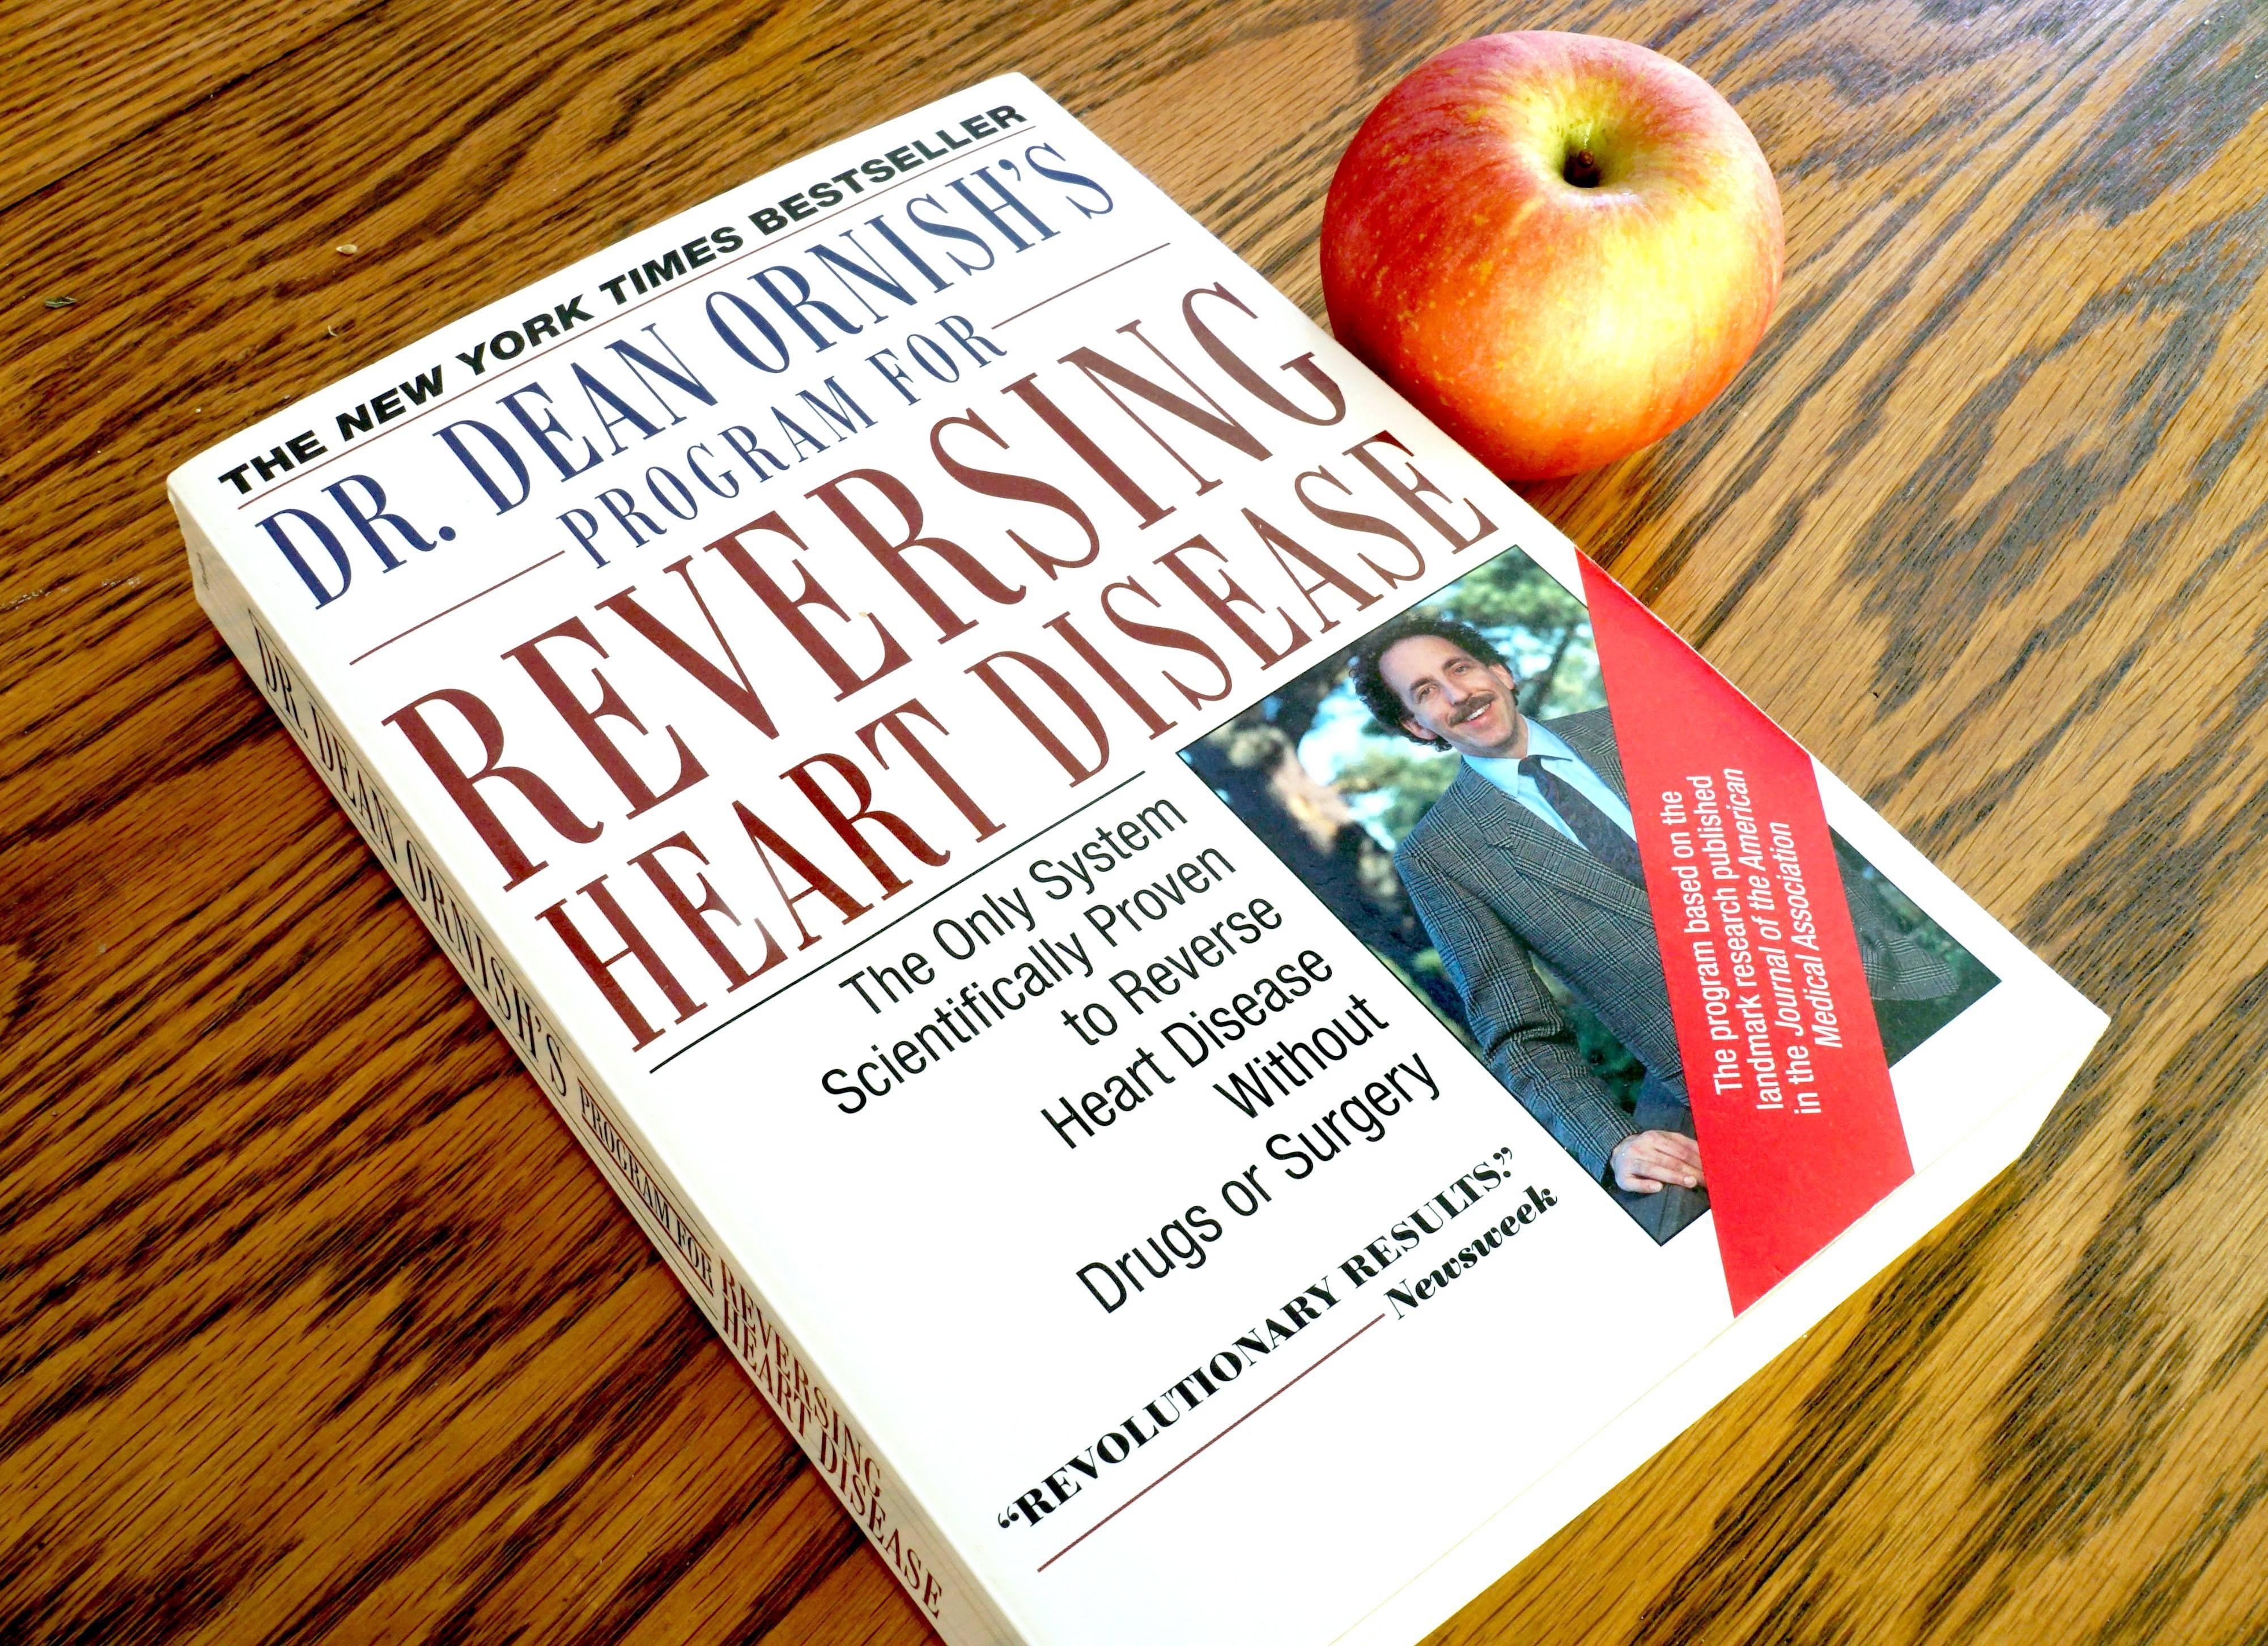 dr dean ornish program for reversing heart disease pdf